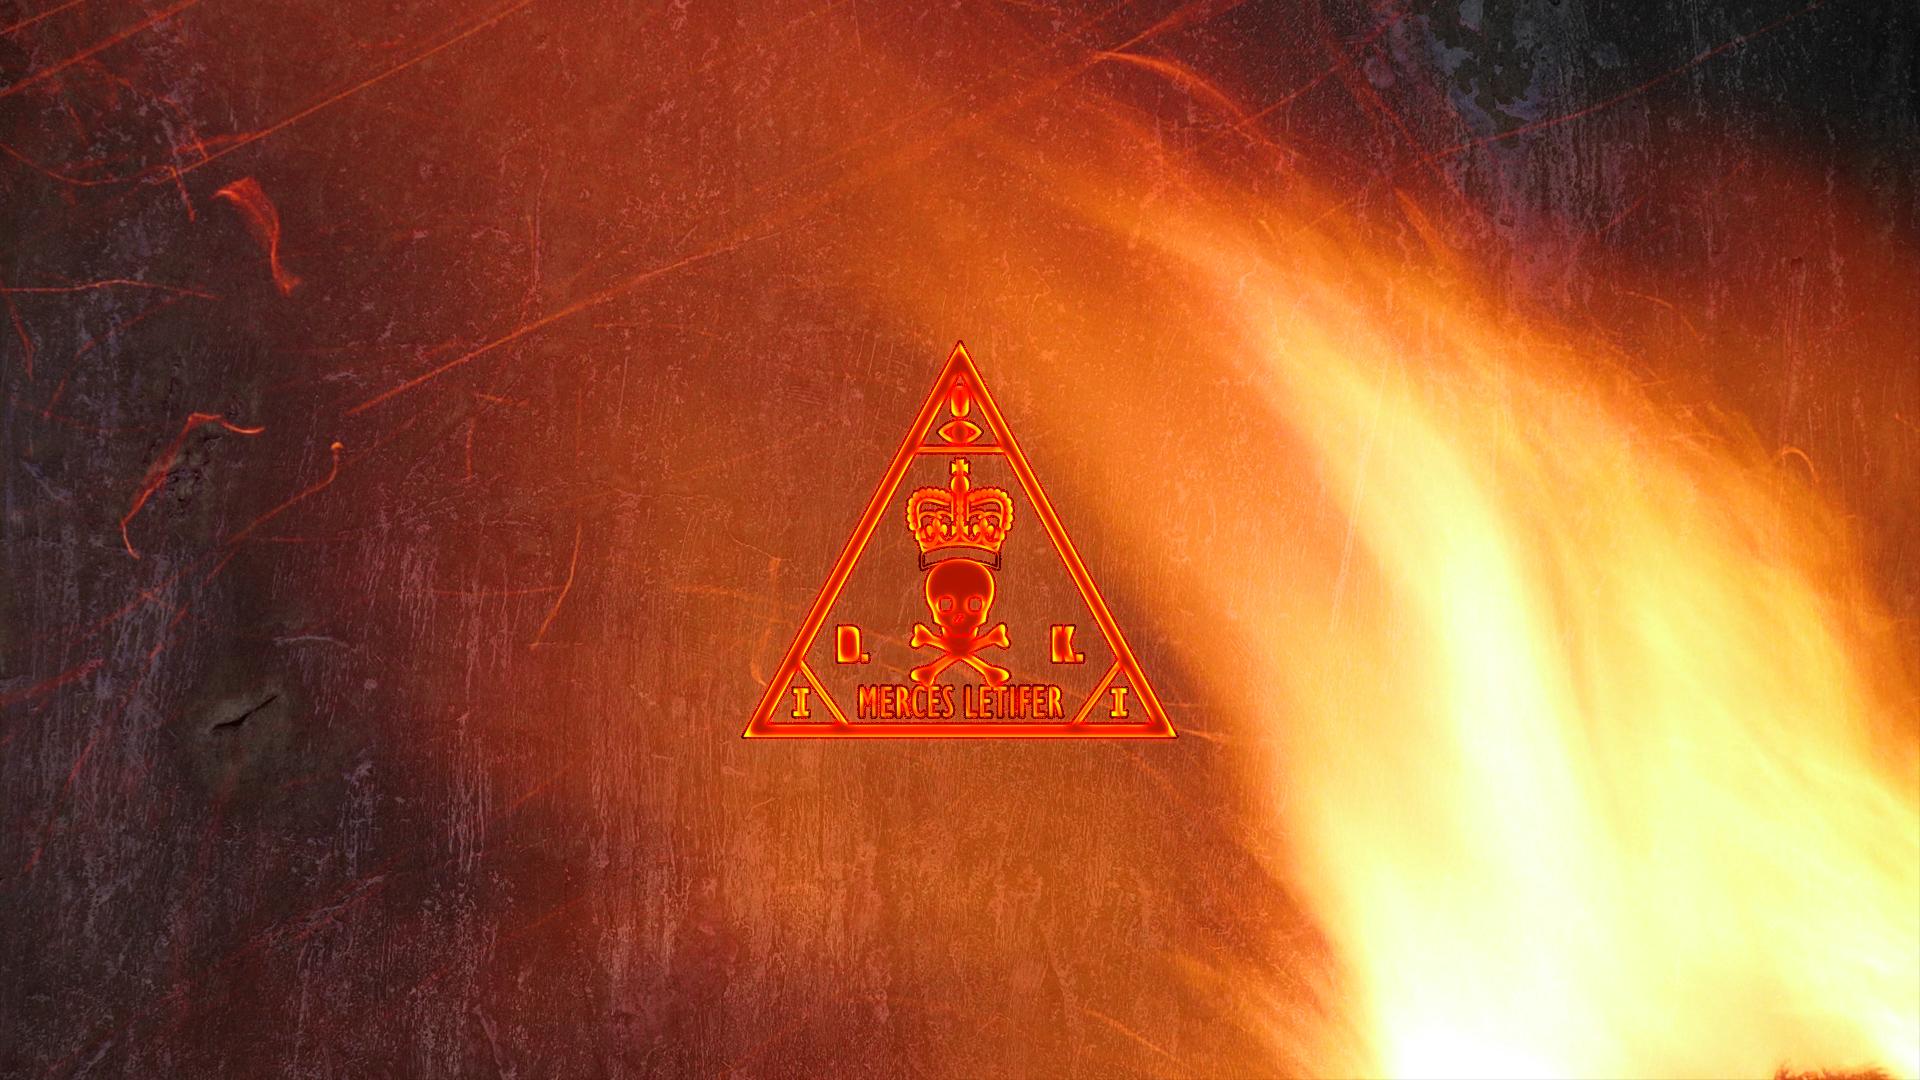 160dehitman agency logo wallpaper  fire  by bryssis d52w8b1jpg 1920x1080